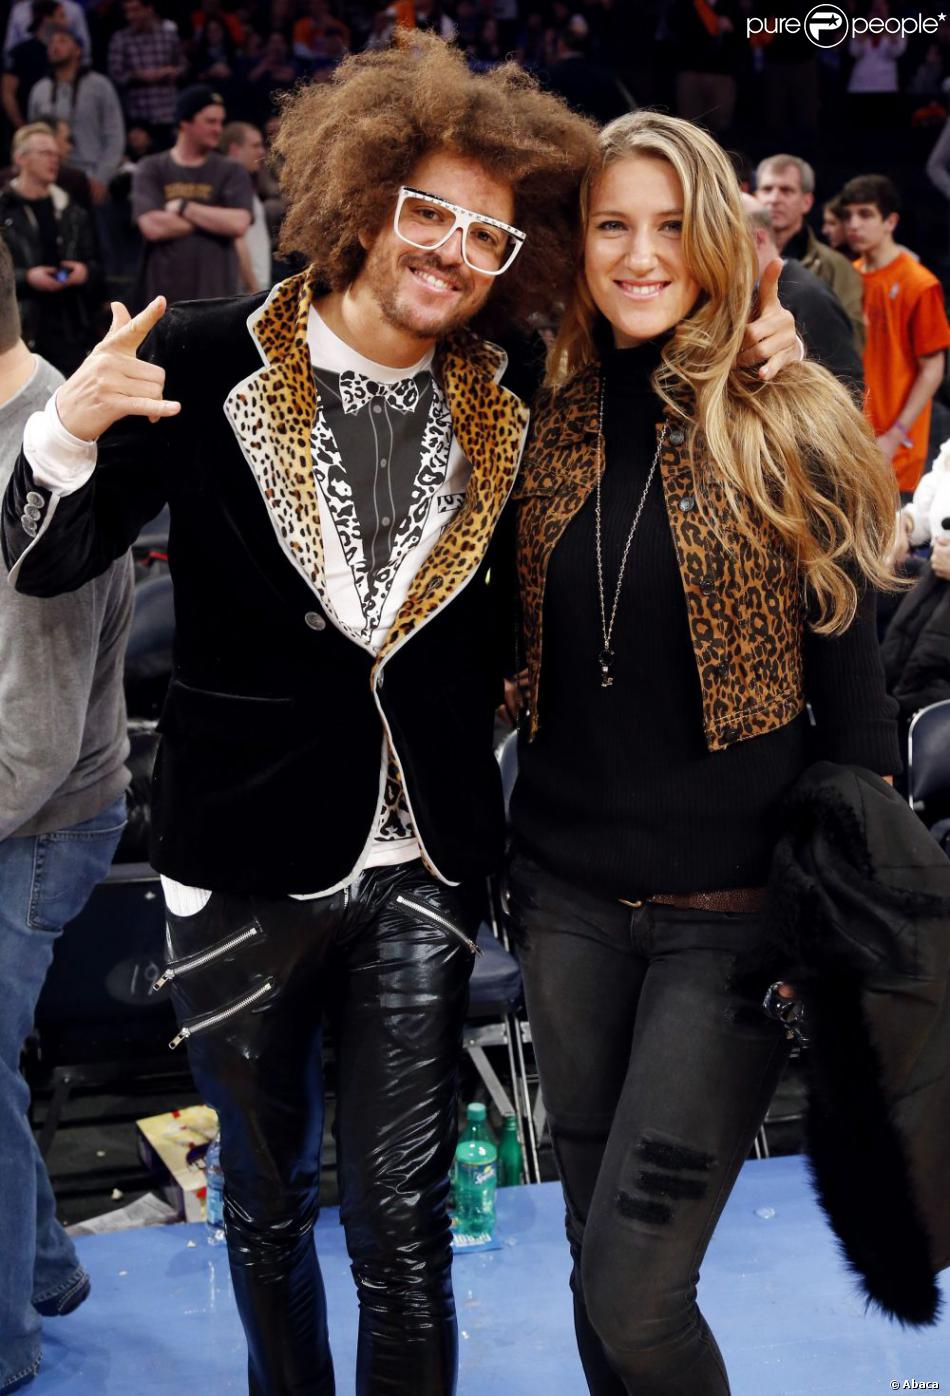 Victoria Azarenka et RedFoo, deux amoureux lors du match entre les Knicks de New York et le Heat de Miami à New York le 3 mars 2013